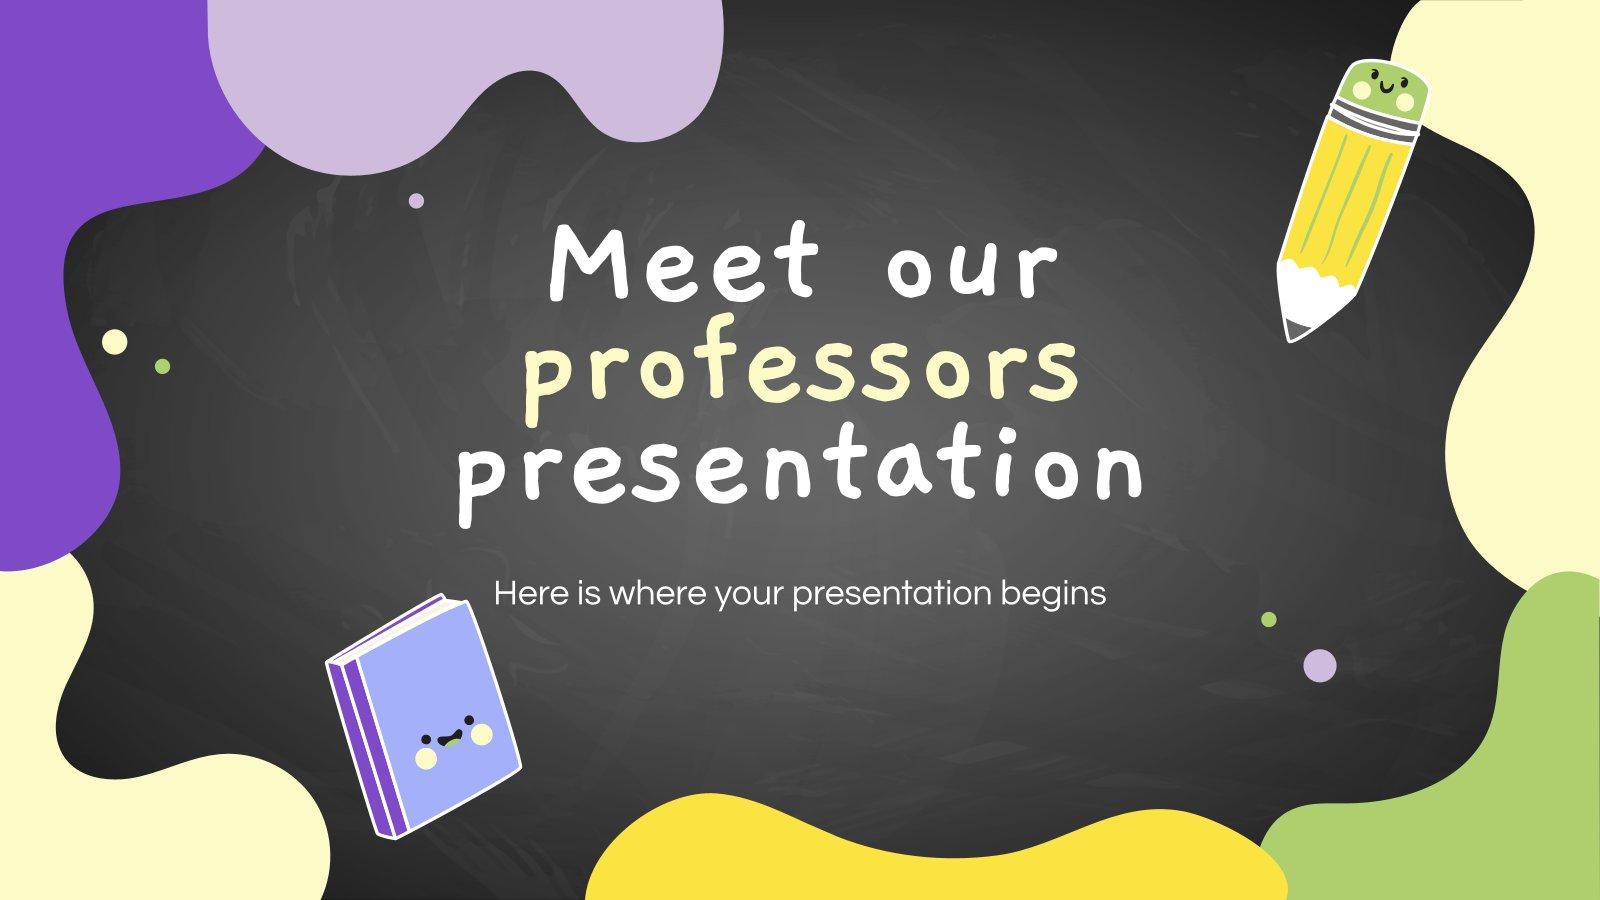 Lerne unsere Professoren kennen Präsentationsvorlage